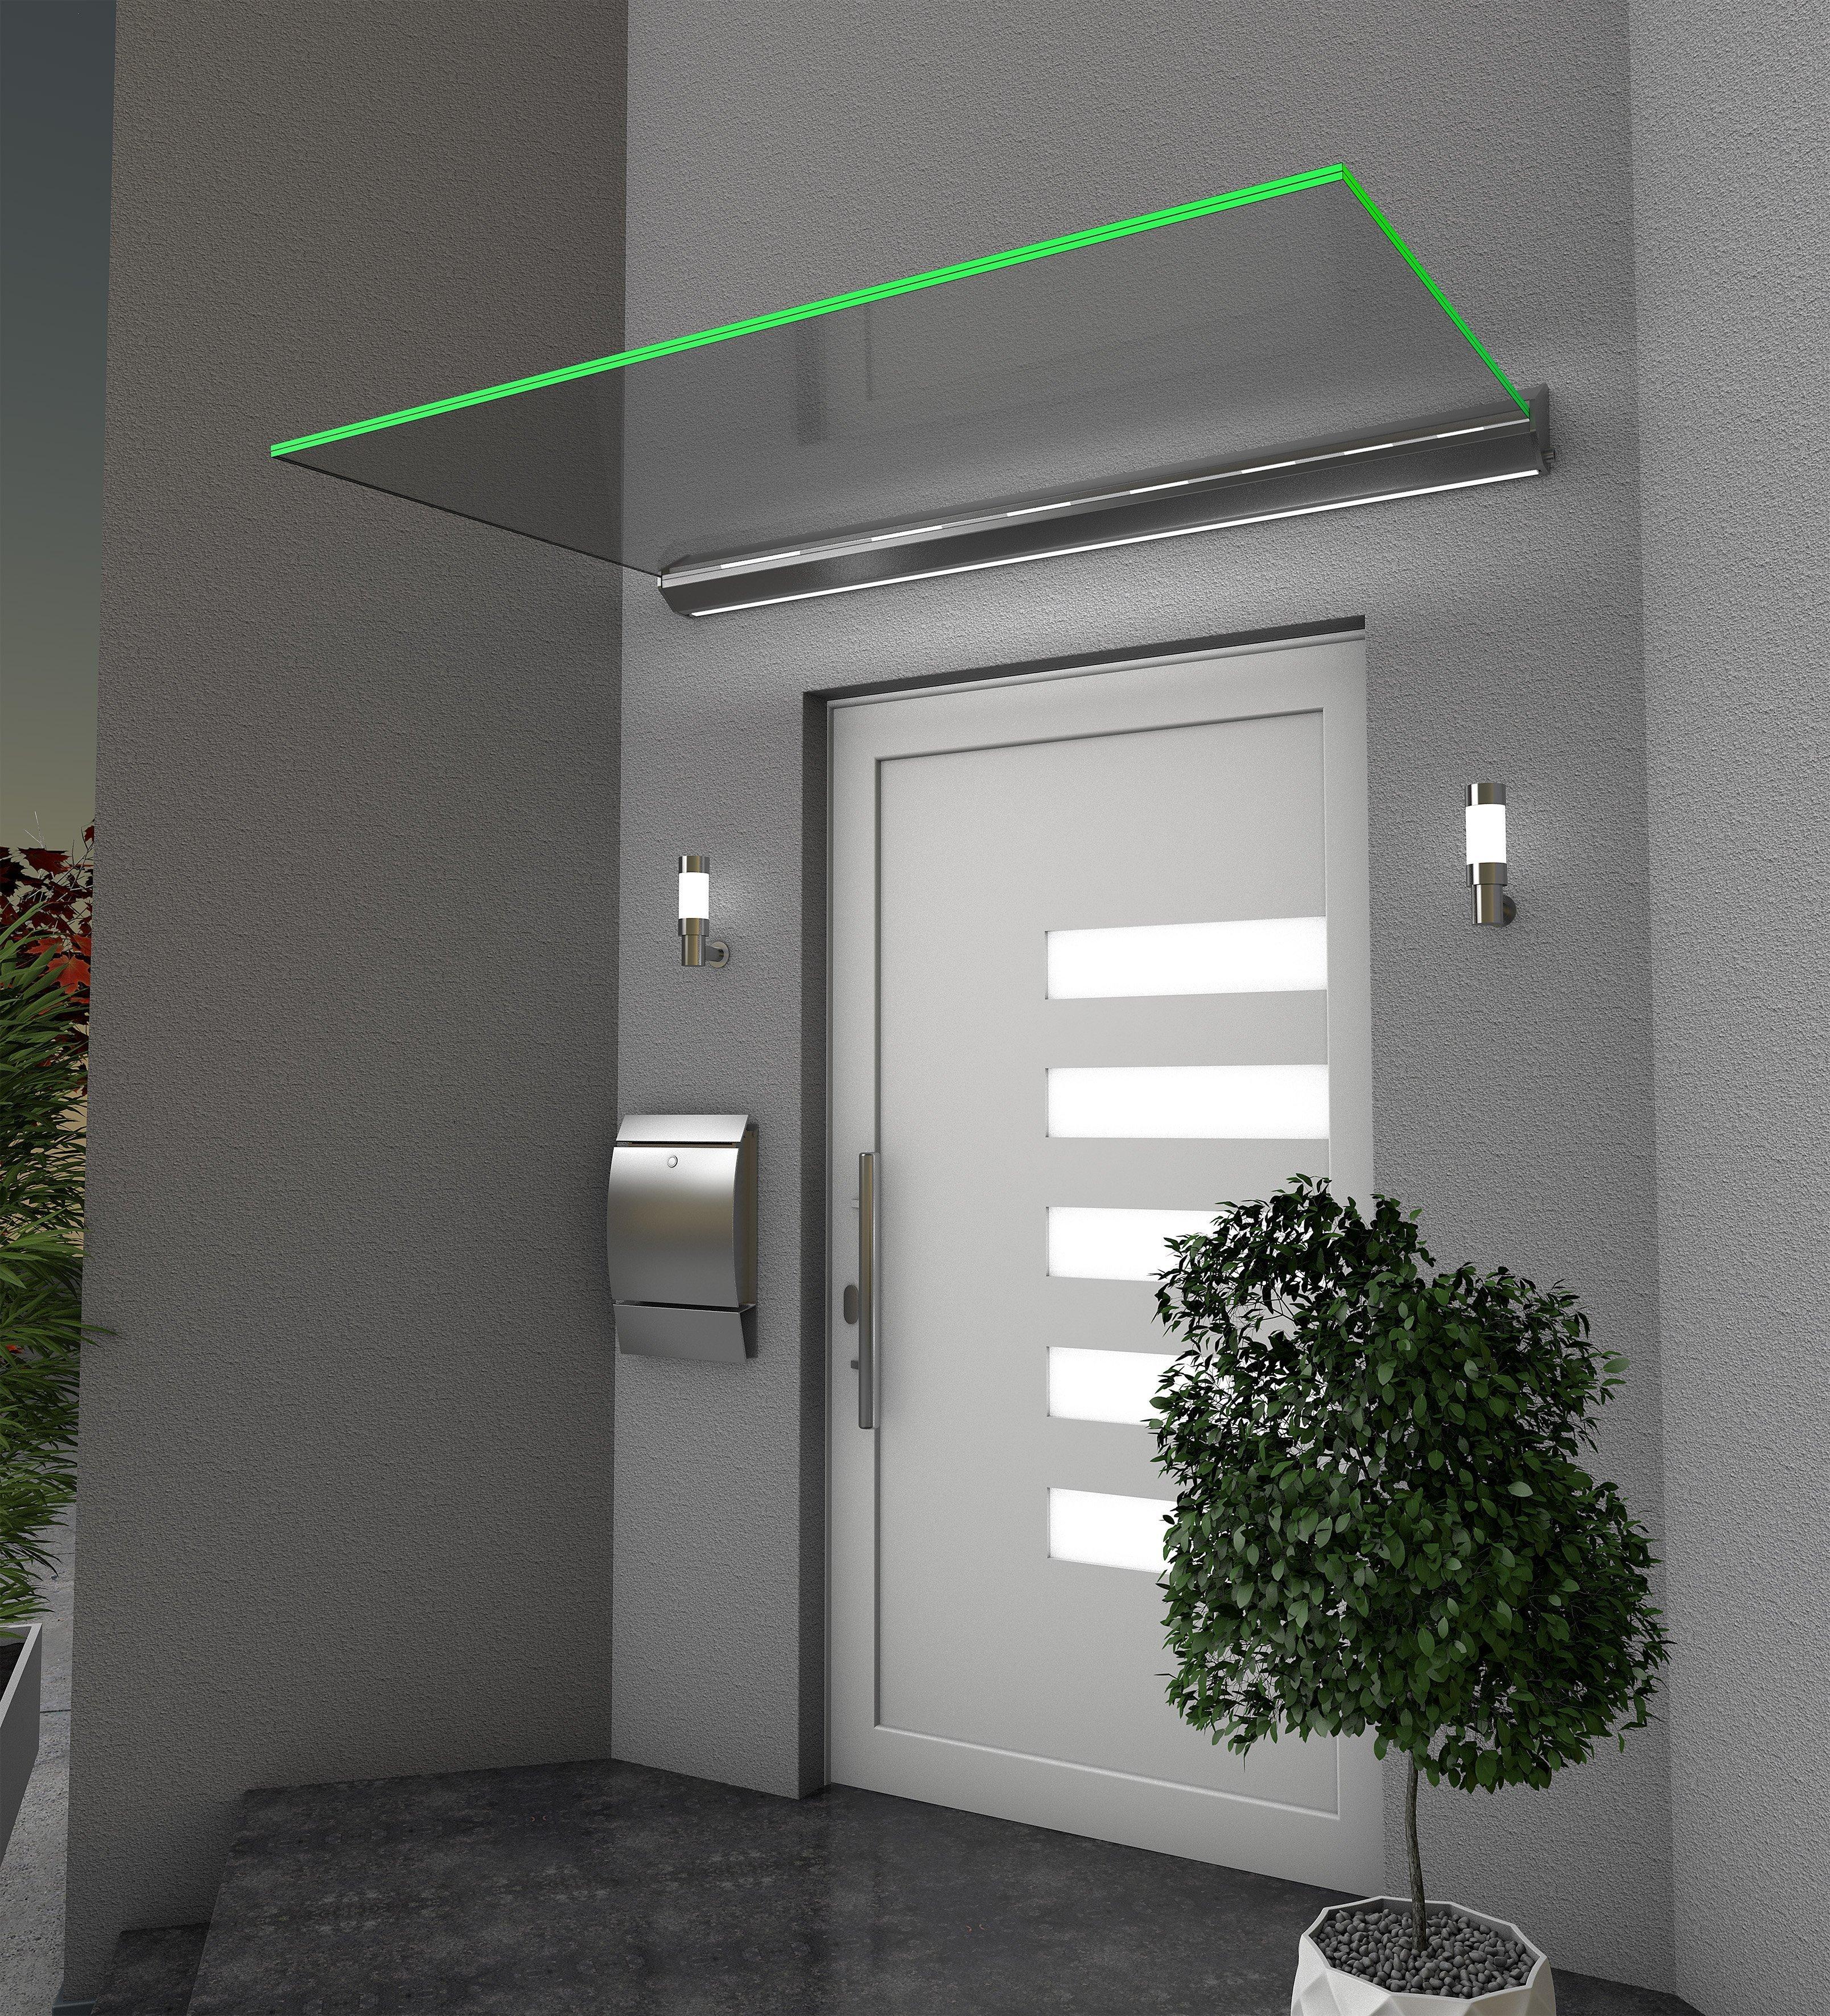 Echtglasvordach HD/LED